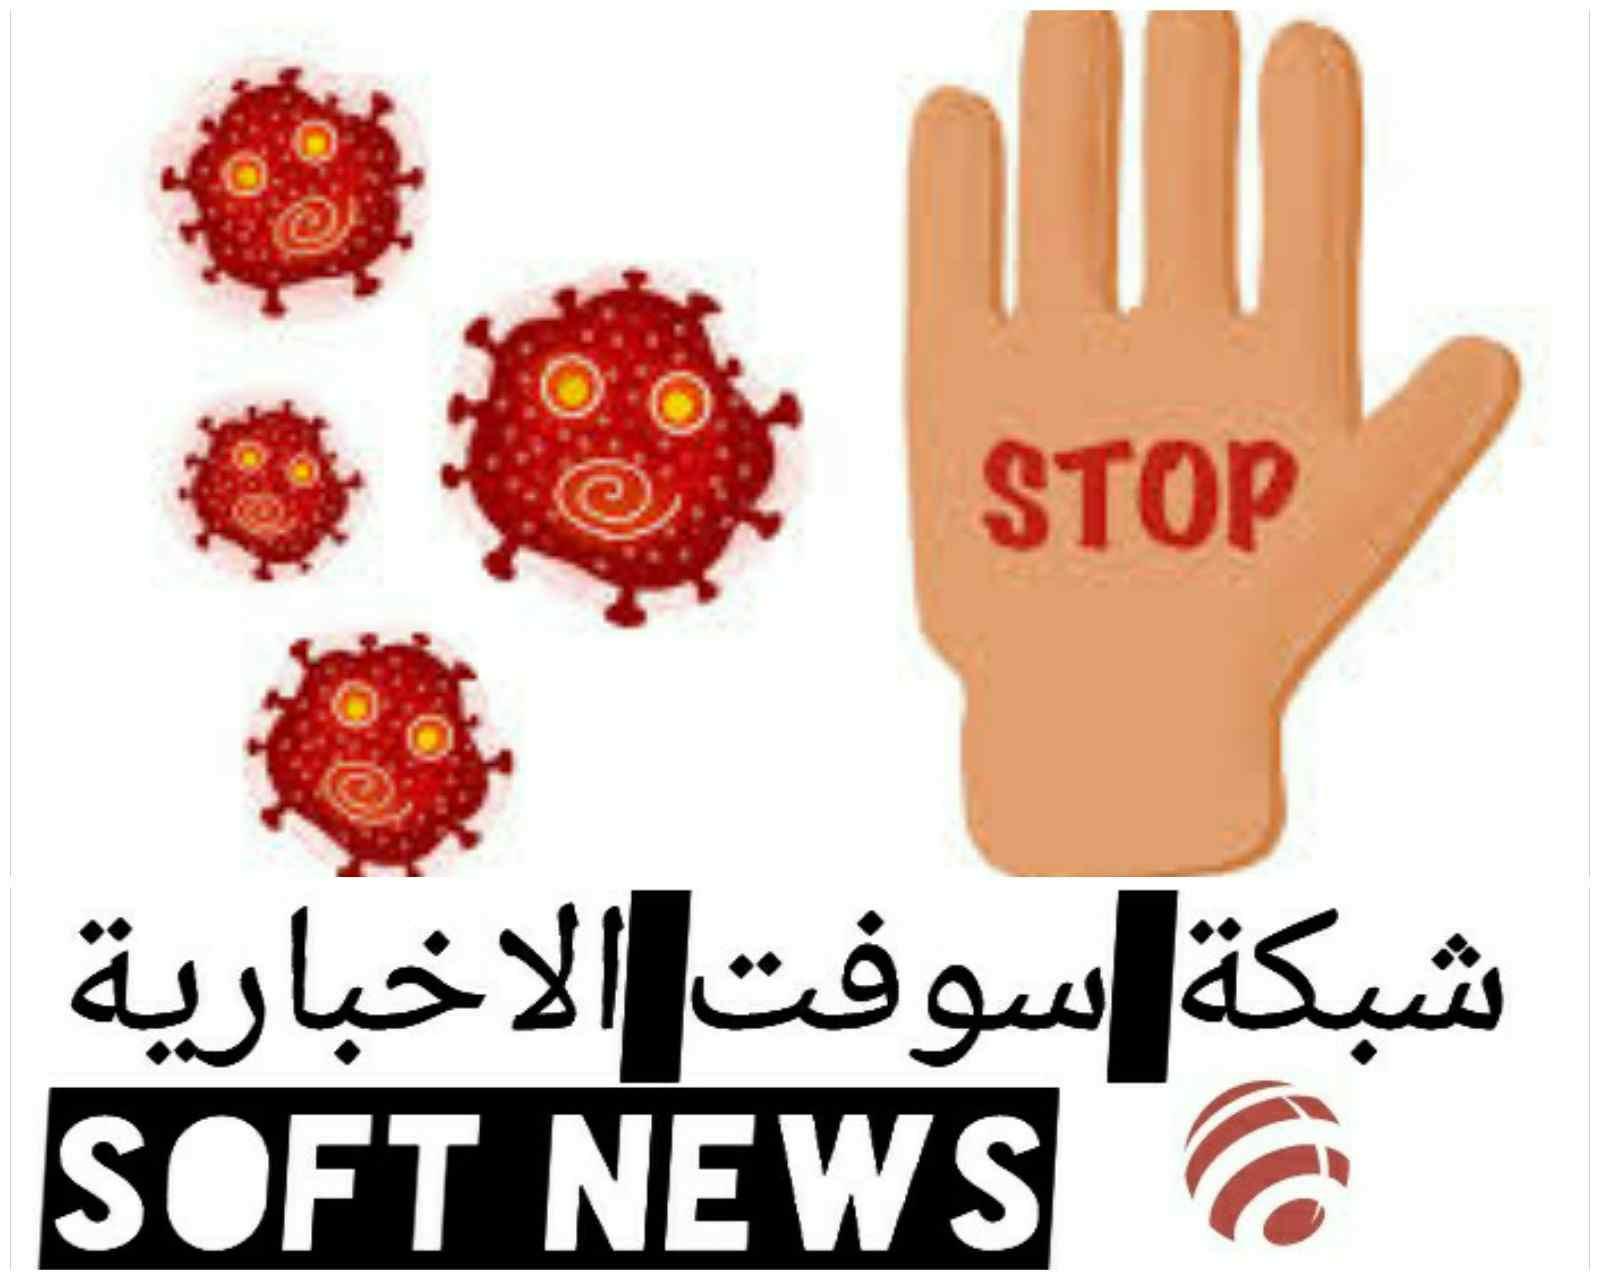 المملكة العربية السعودية : عقوبات باالسجن وغرامات مالية باهظة لاي شخص ينشر الشائعات عن فيروس كوروناء